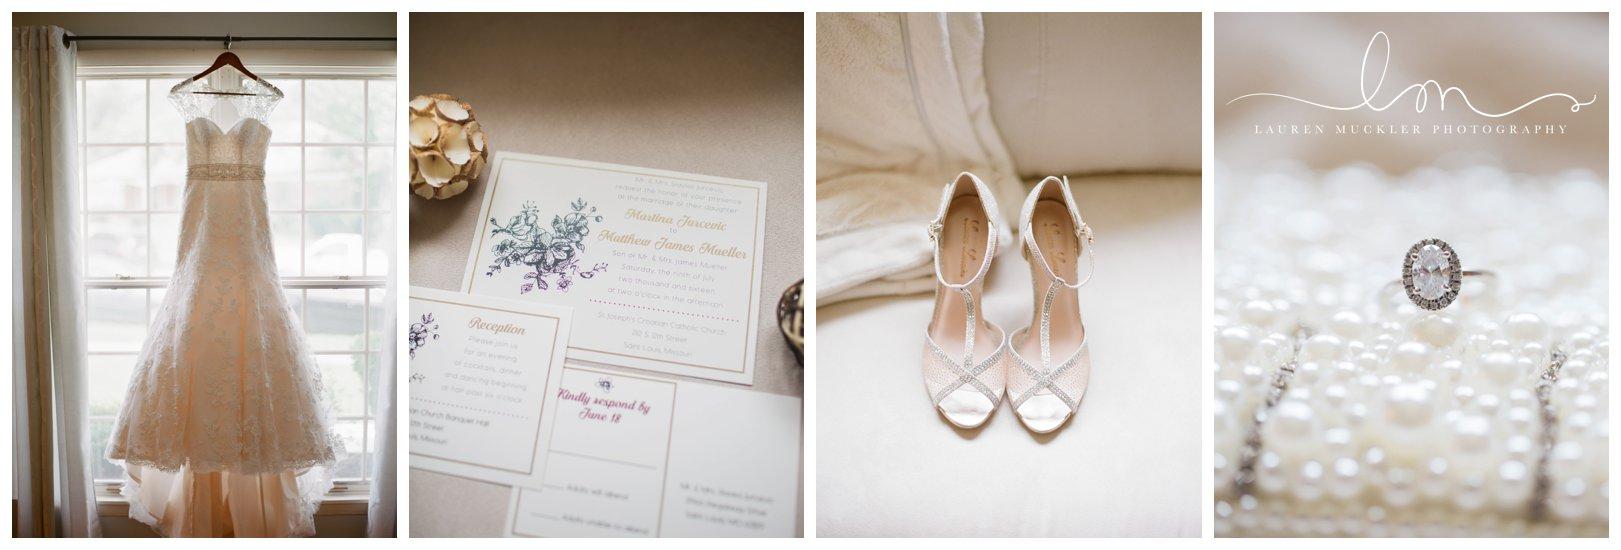 lauren muckler photography_fine art film wedding photography_st louis_photography_0482.jpg